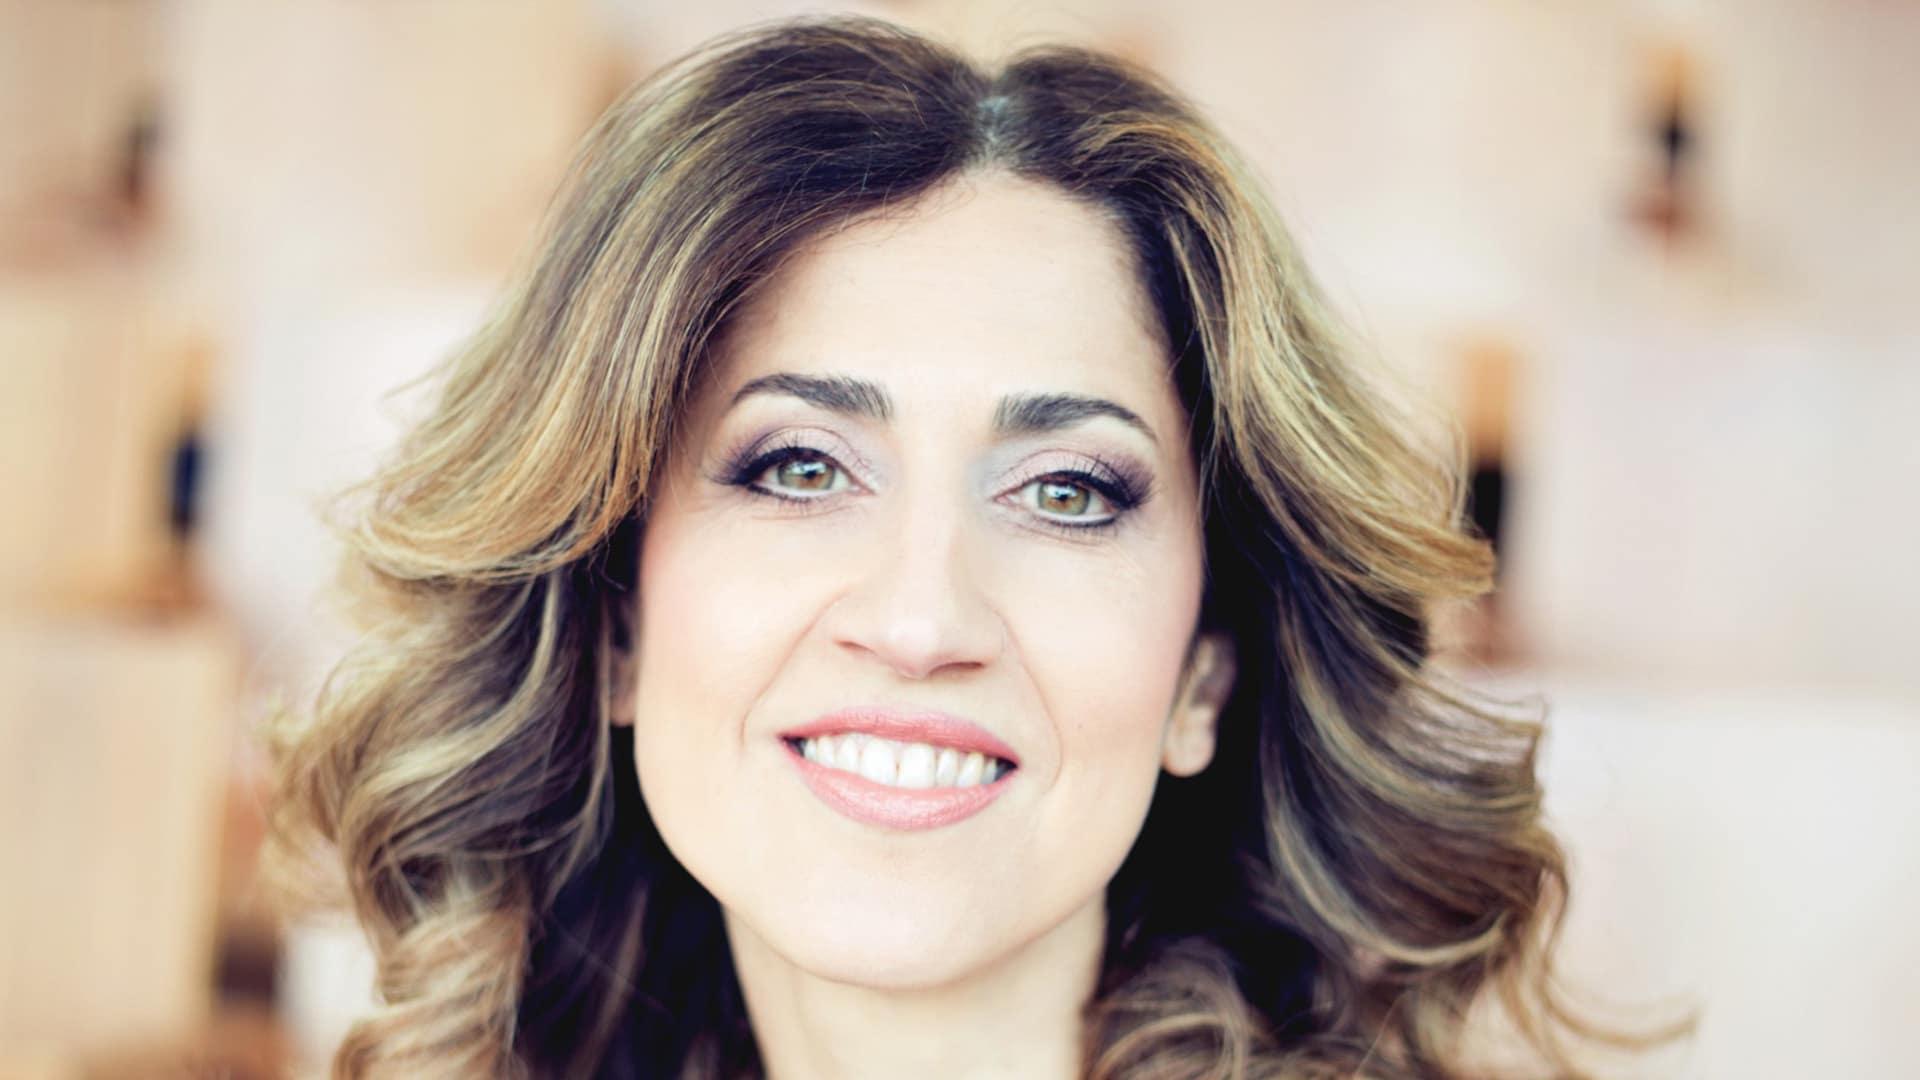 Gisella Cozzo - Joy (I Feel Good, I Feel Fine)